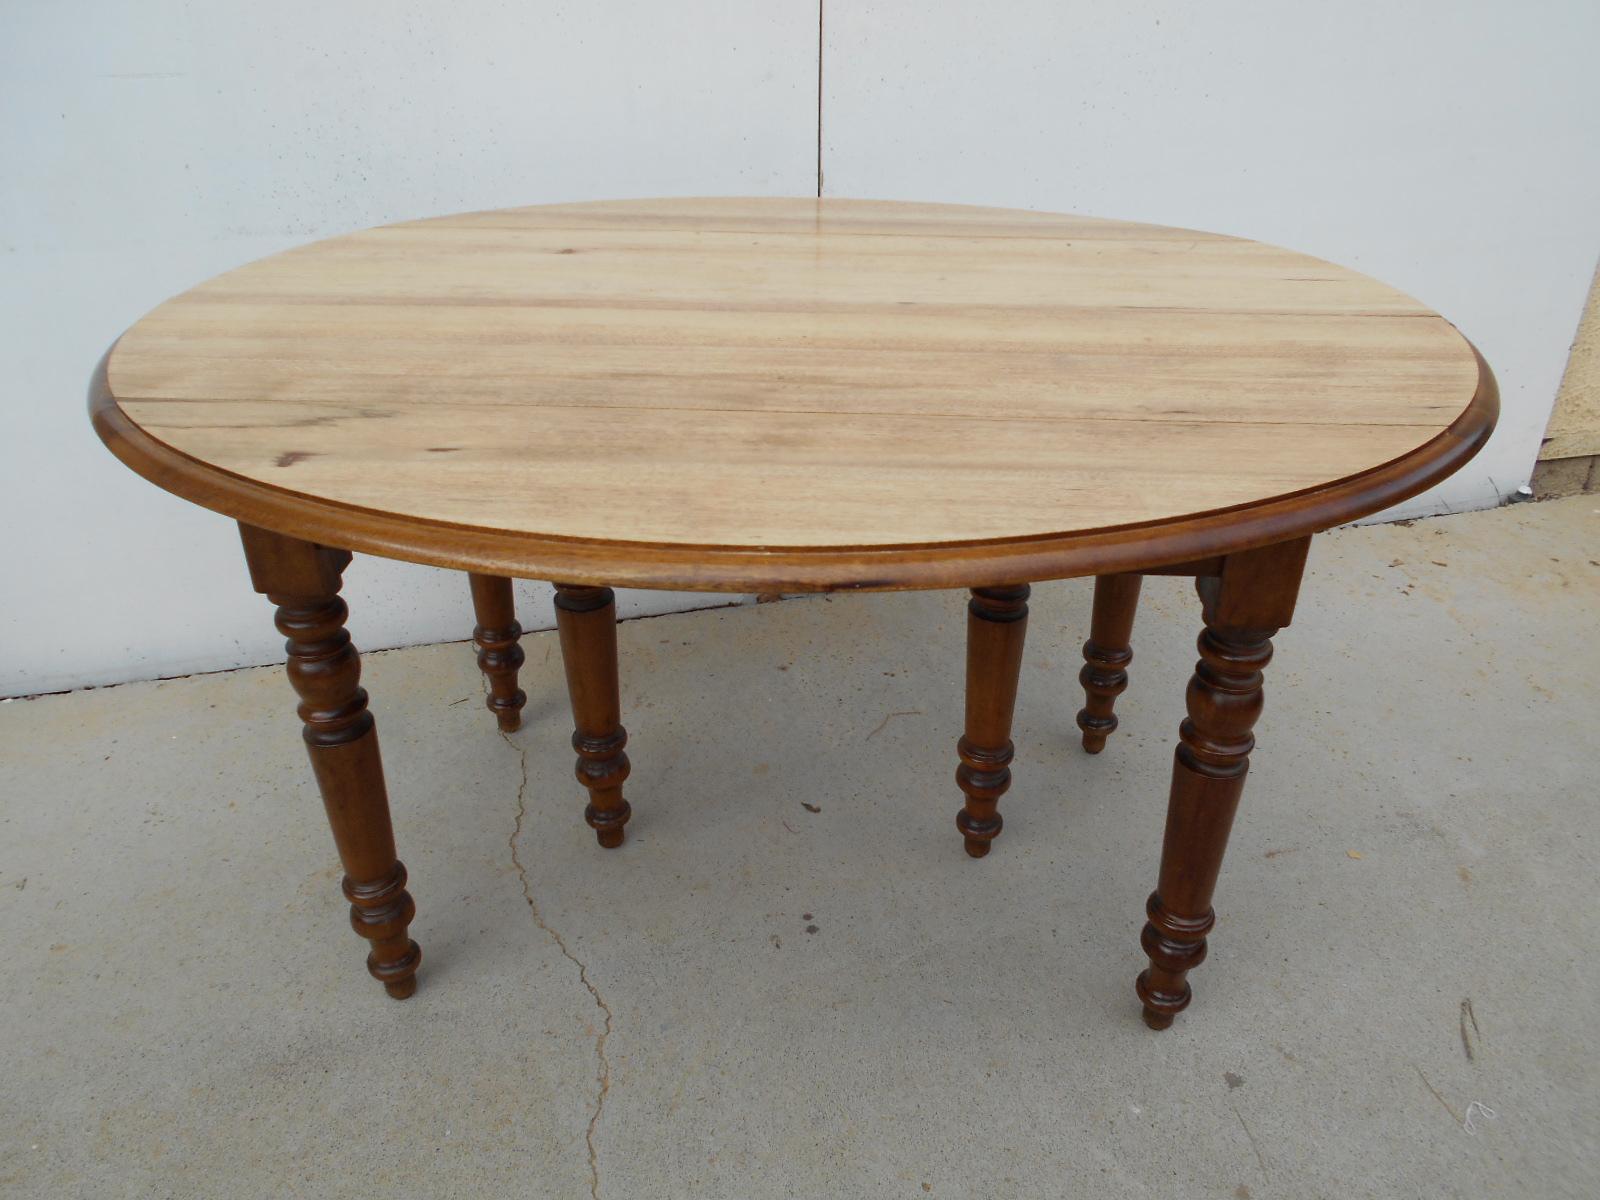 TABLE RONDE 6 pieds, ouvrante jusqu'à 12 à 14 convives